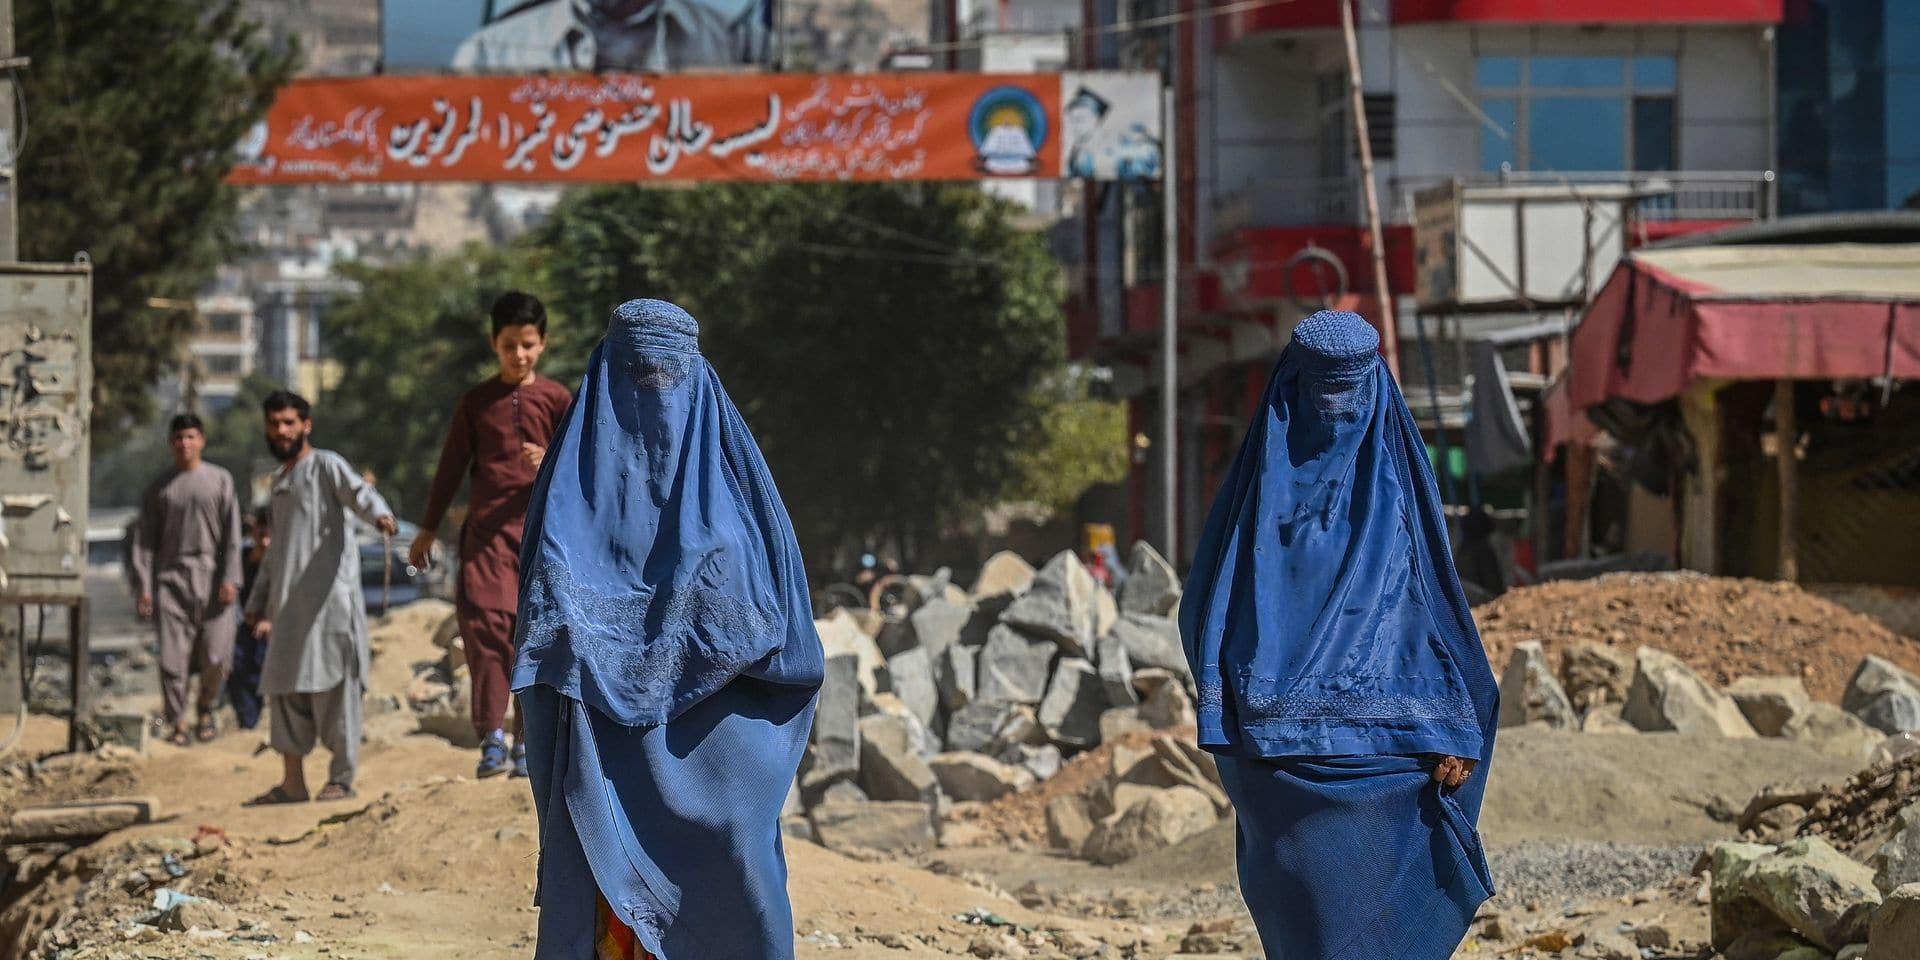 """Autrefois juges, des femmes afghanes forcées de se cacher par peur des représailles : """"J'ai reçu plus de 20 appels téléphoniques menaçants d'anciens détenus qui ont maintenant été libérés"""""""